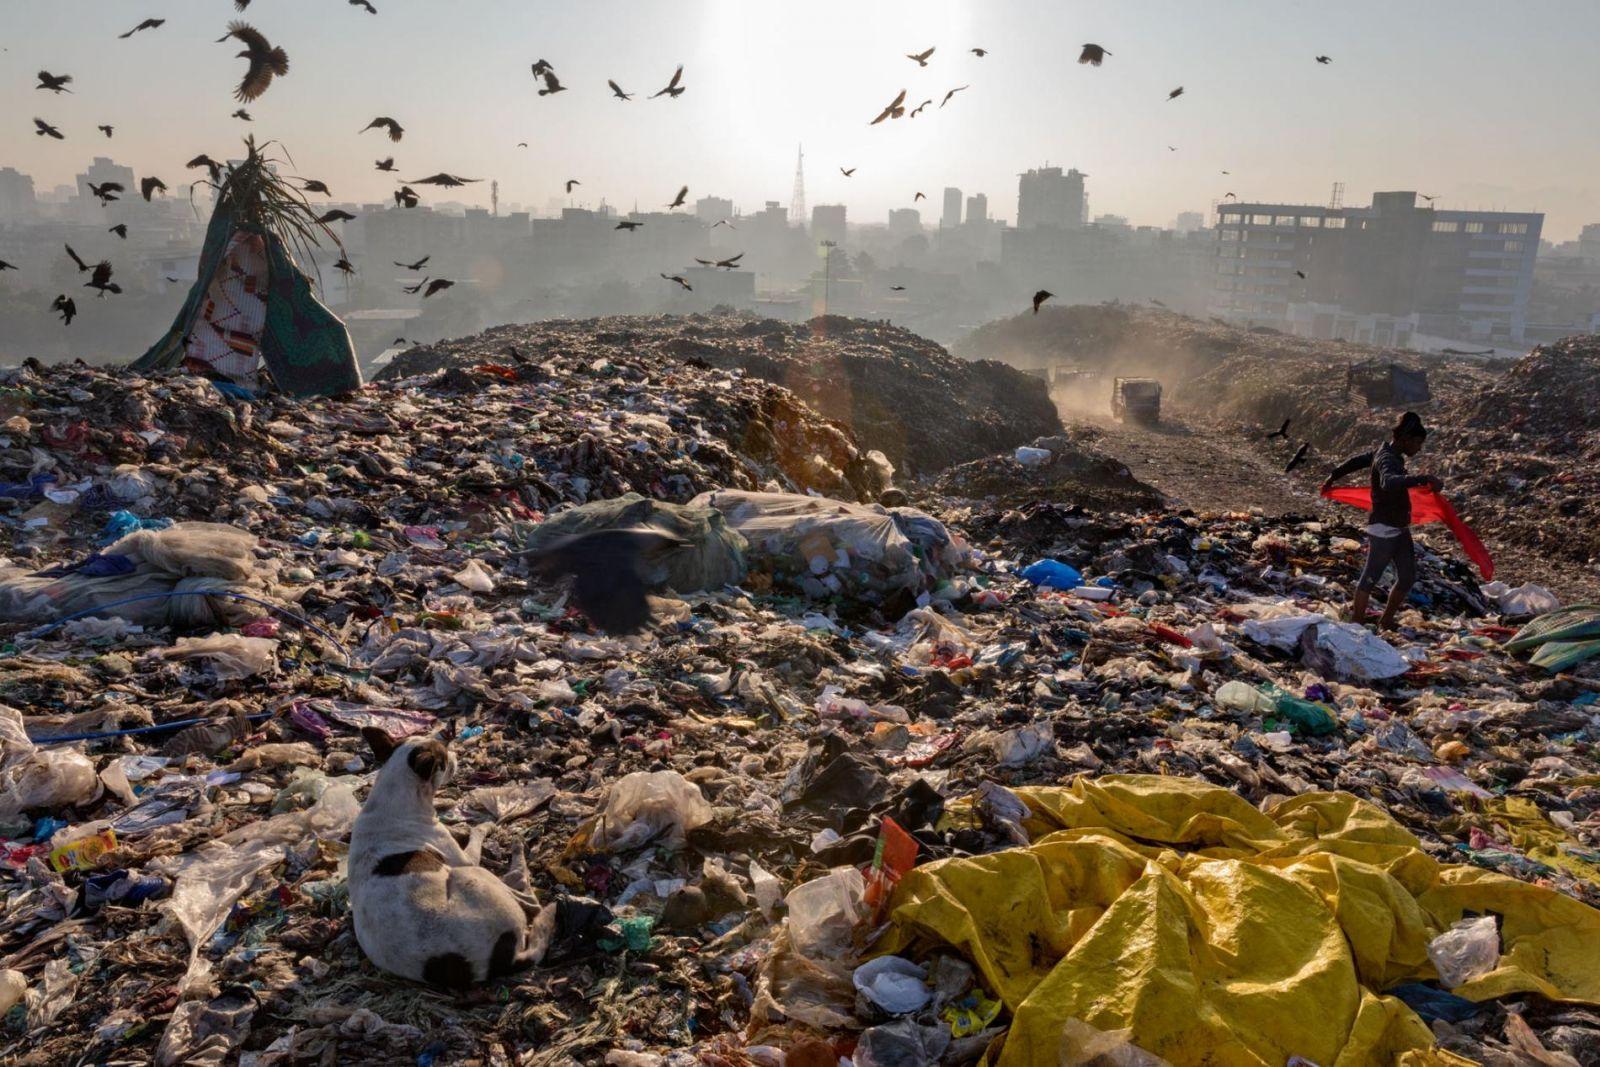 Évente Legalább 50 Ezer Műanyagrészecskét Esznek Meg Az